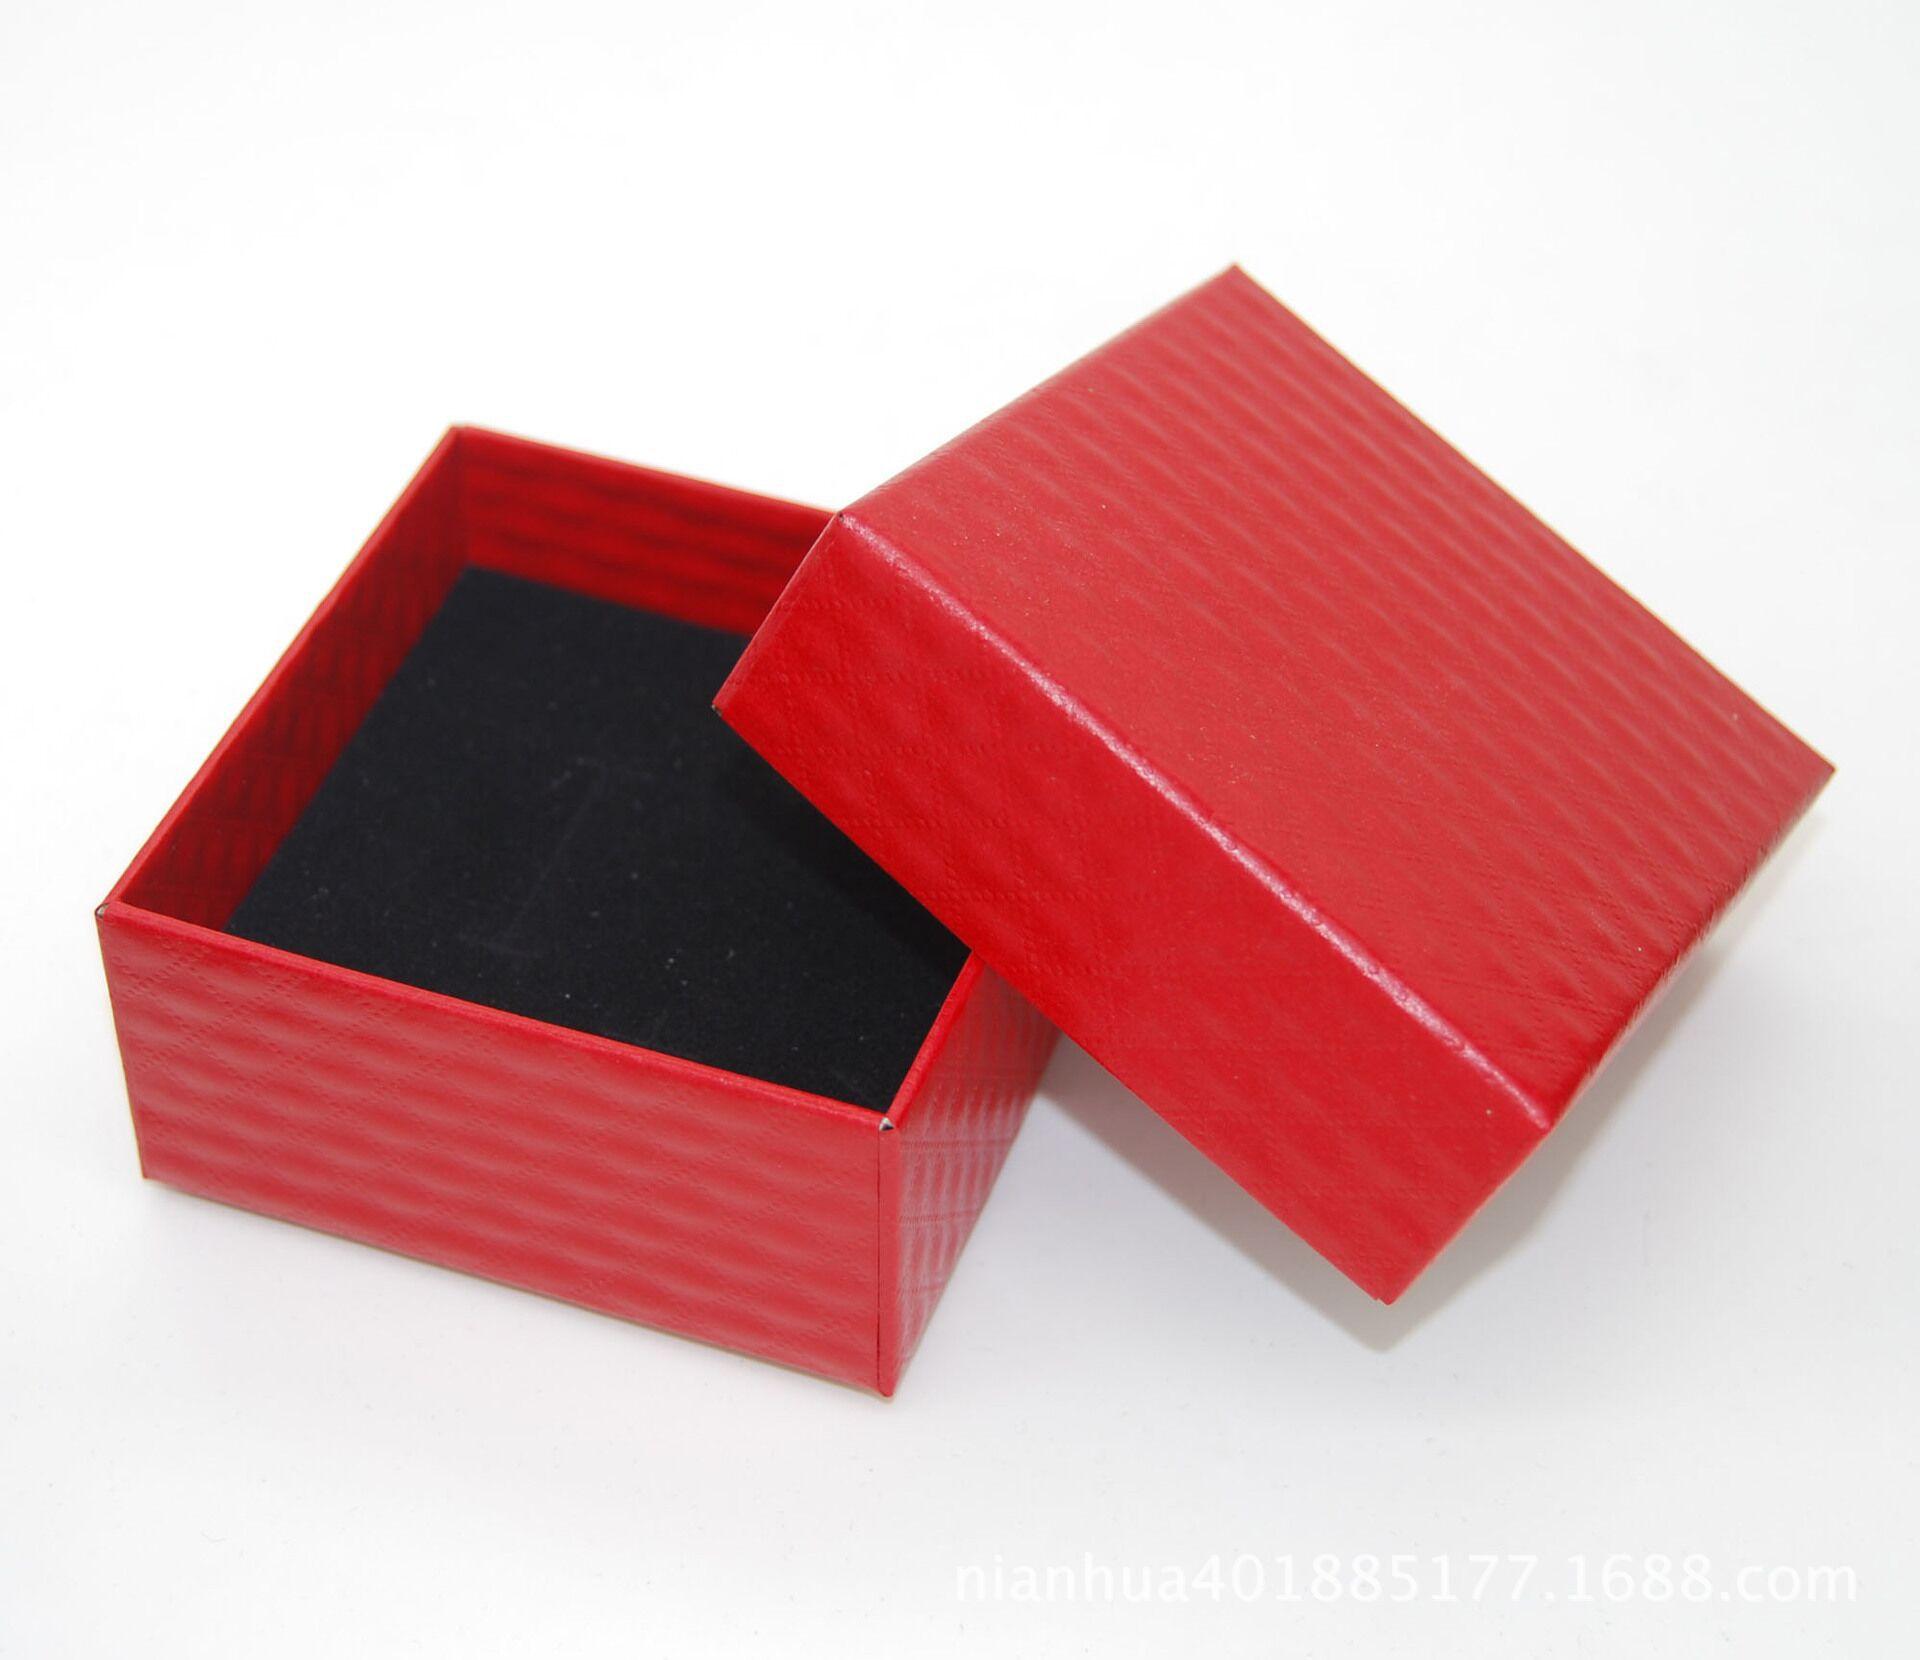 厂家供应批发 戒指 手镯 首饰盒包装 饰品包装盒纸盒大量现货批发